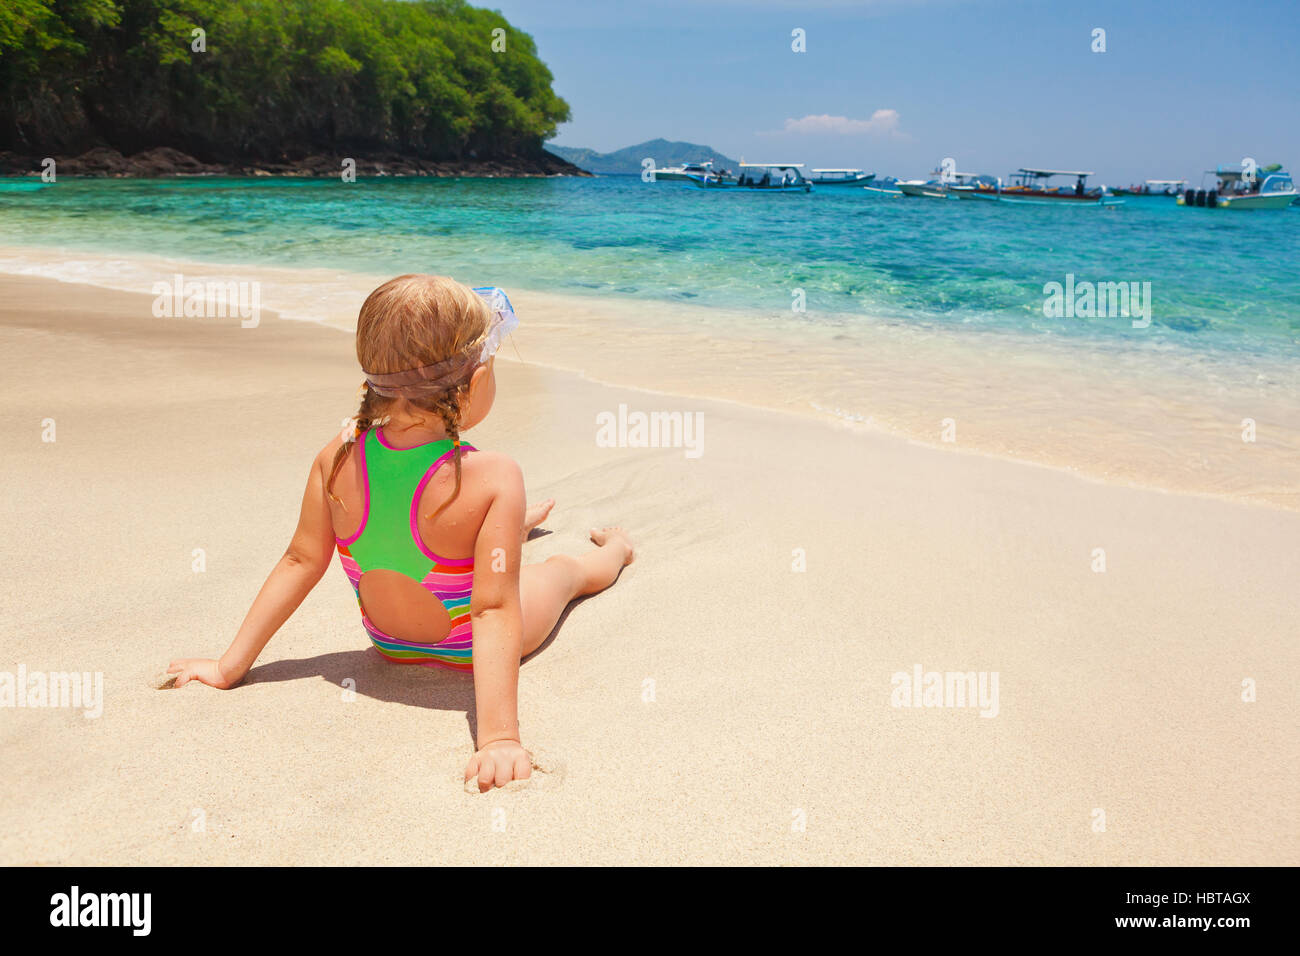 Schöne kleine Schnorchler entspannen am sonnigen weißen Sand Ocean Beach. Glückliches Baby viel Spaß, Stockbild